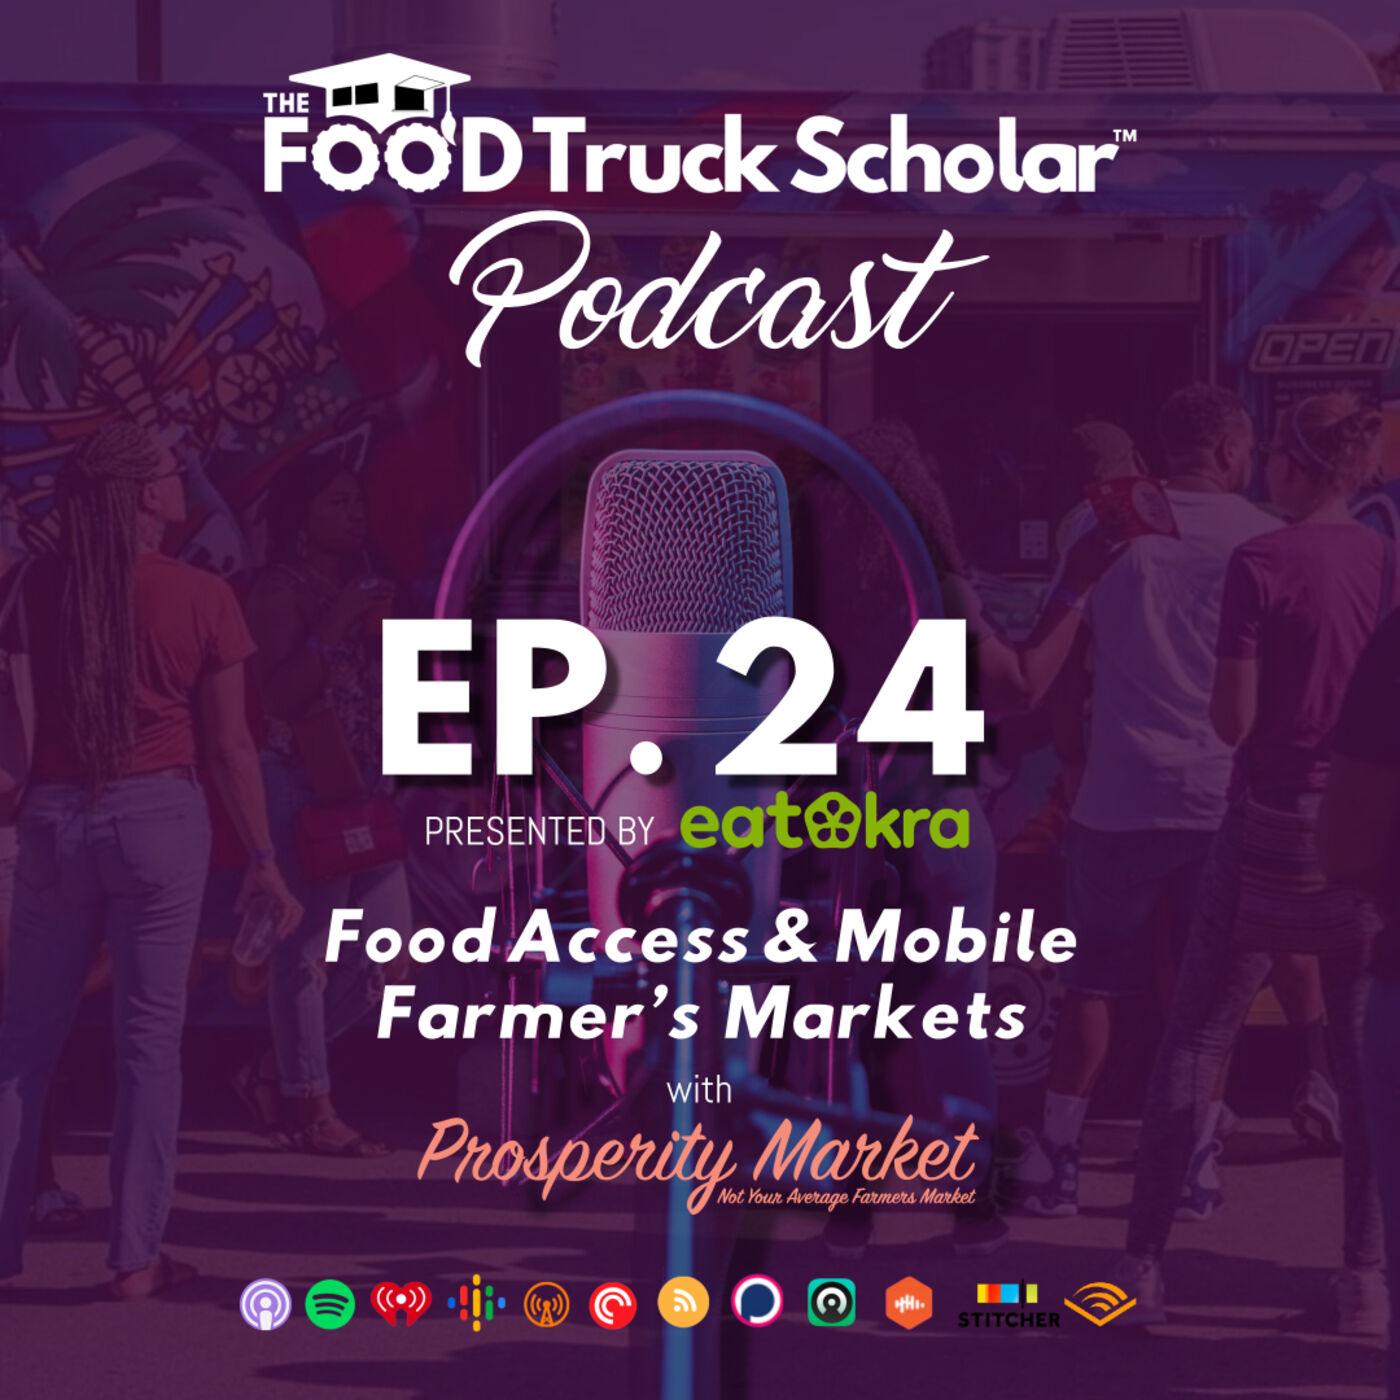 Food Access & Mobile Farmer's Markets w/ Prosperity Market